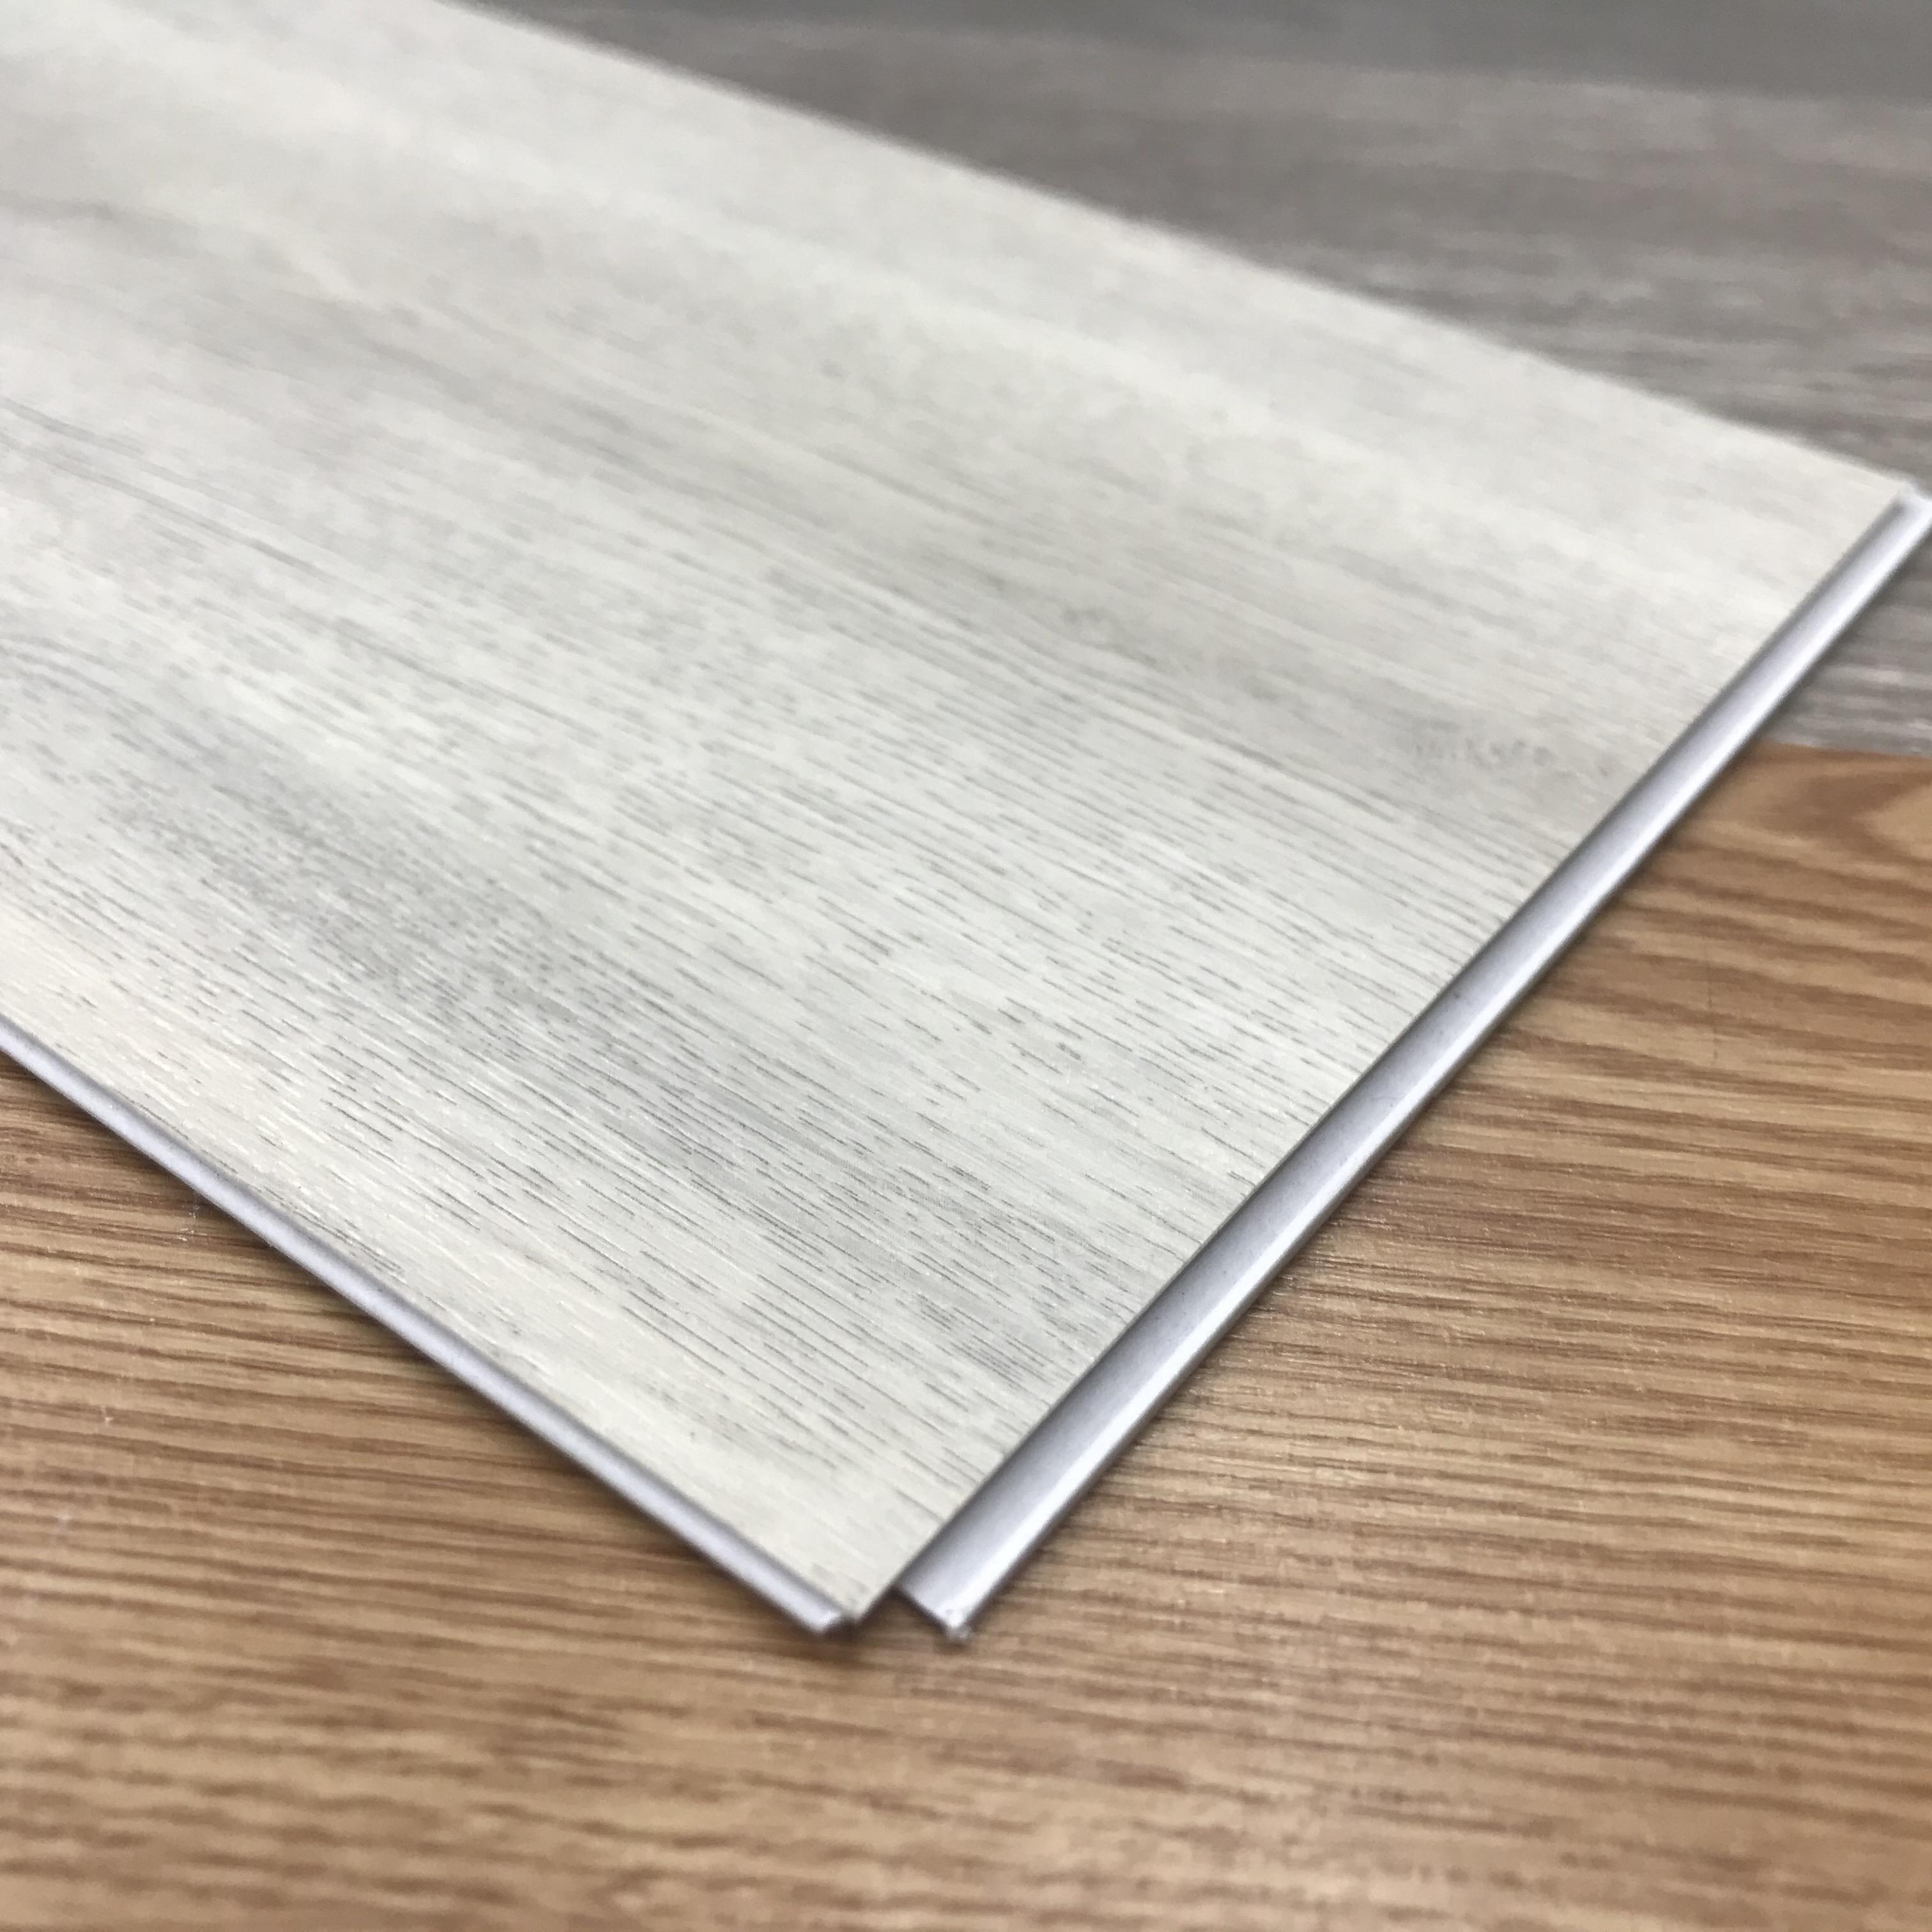 9 дюймов виниловая плитка широкий нажмите PVC виниловое напольное покрытие НПЦ плитка с подложка